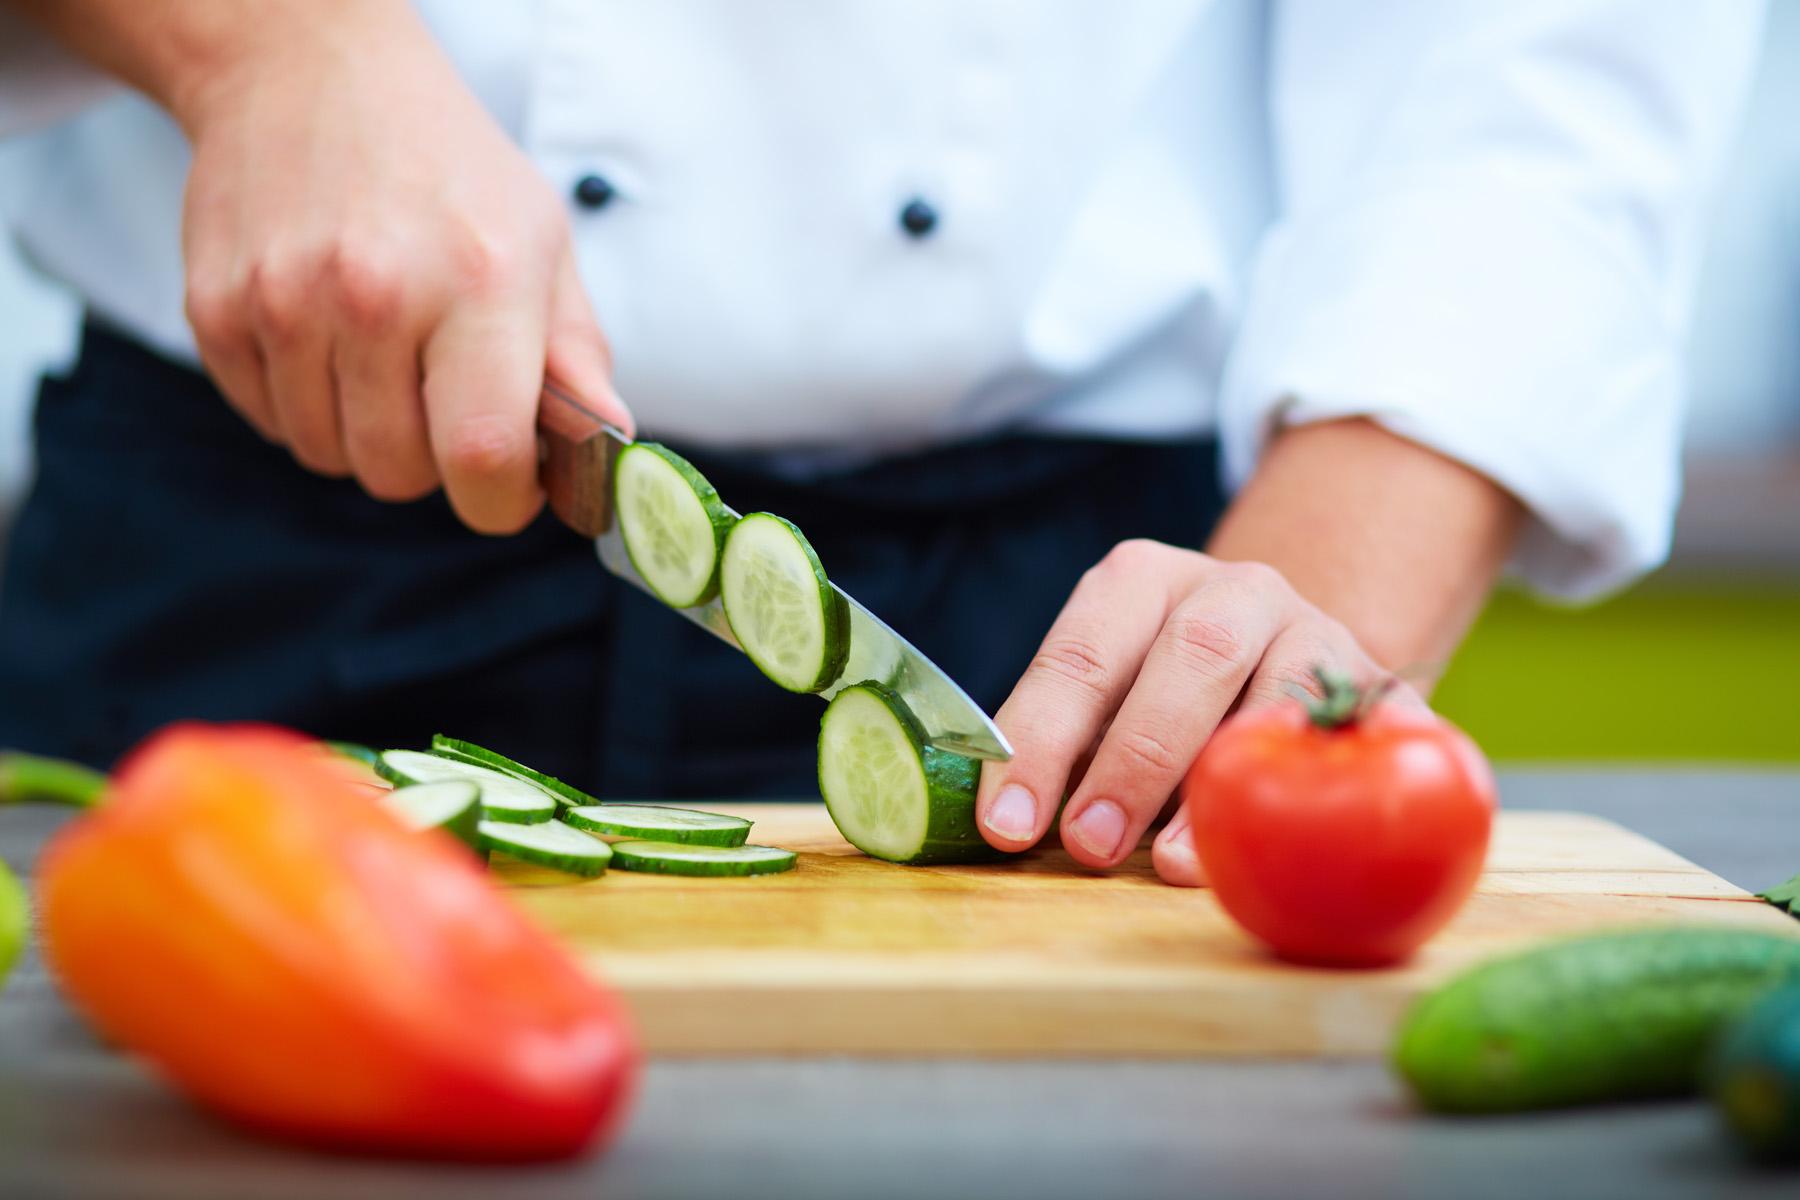 Chopping-veggies